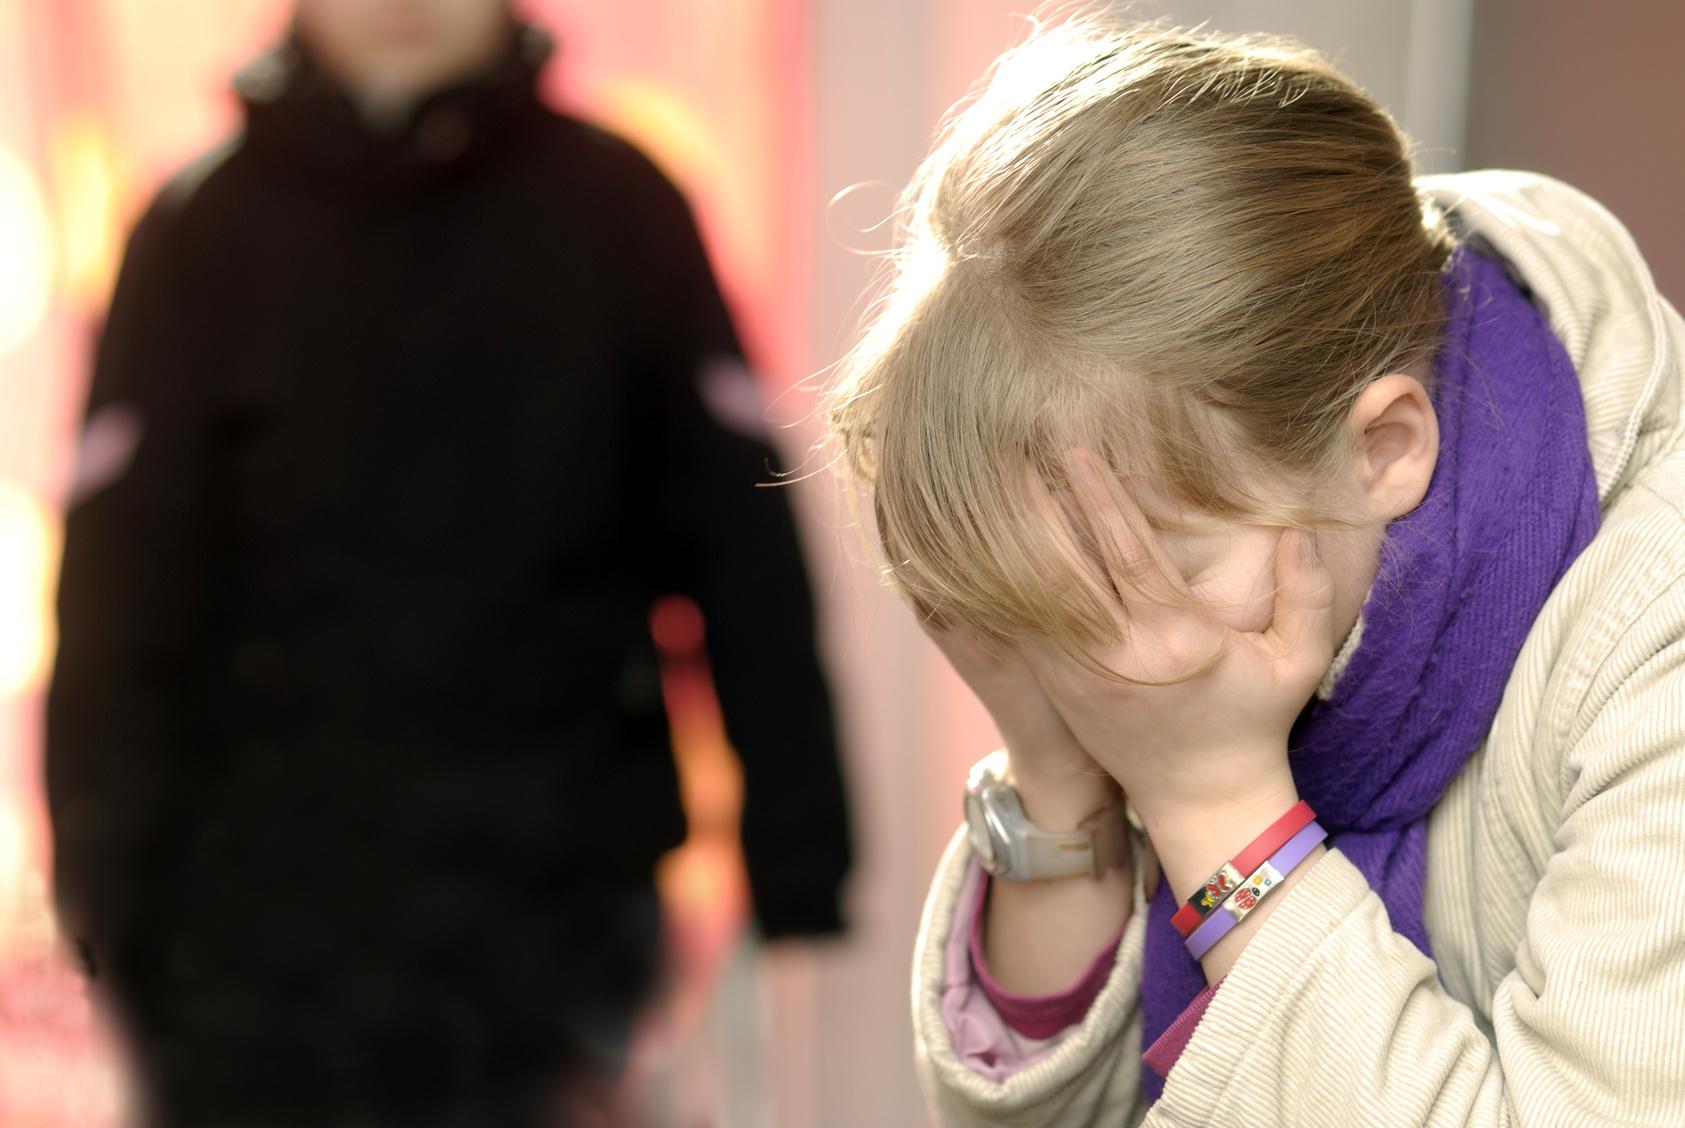 Polizei bittet dringend um Hinweise: Mädchen von Sextäter verfolgt und missbraucht